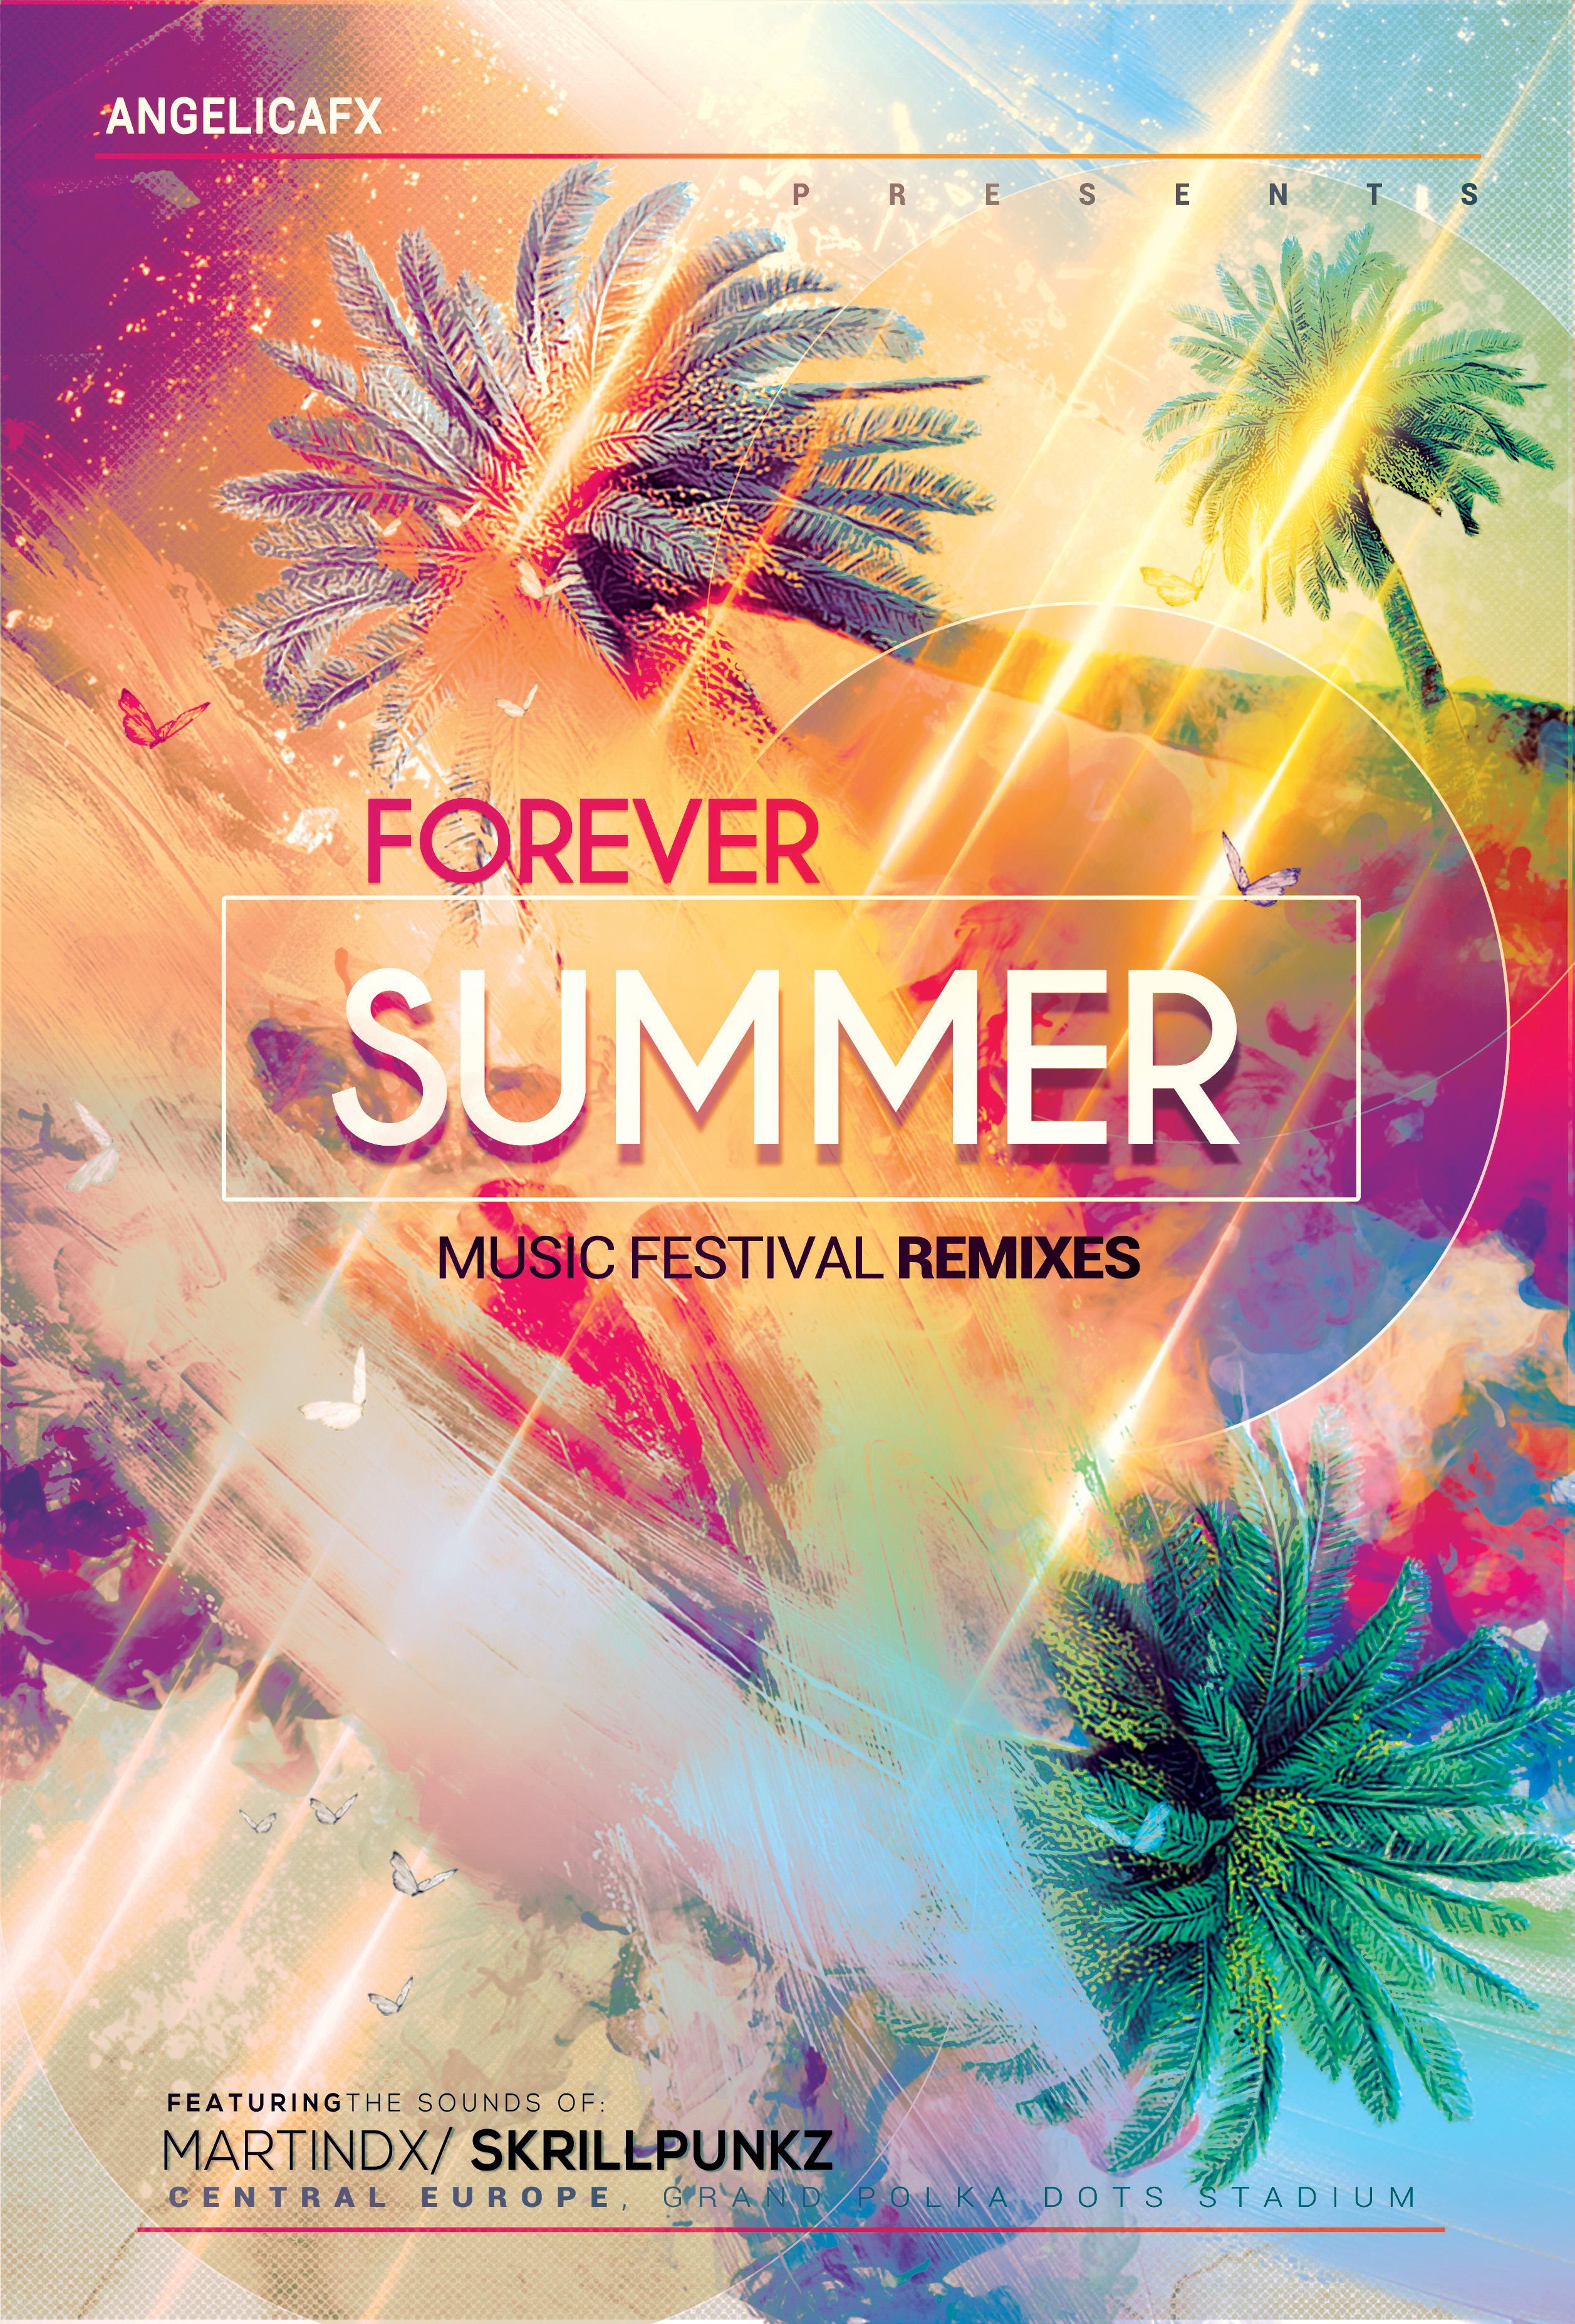 Forever Summer Music Festival example image 2